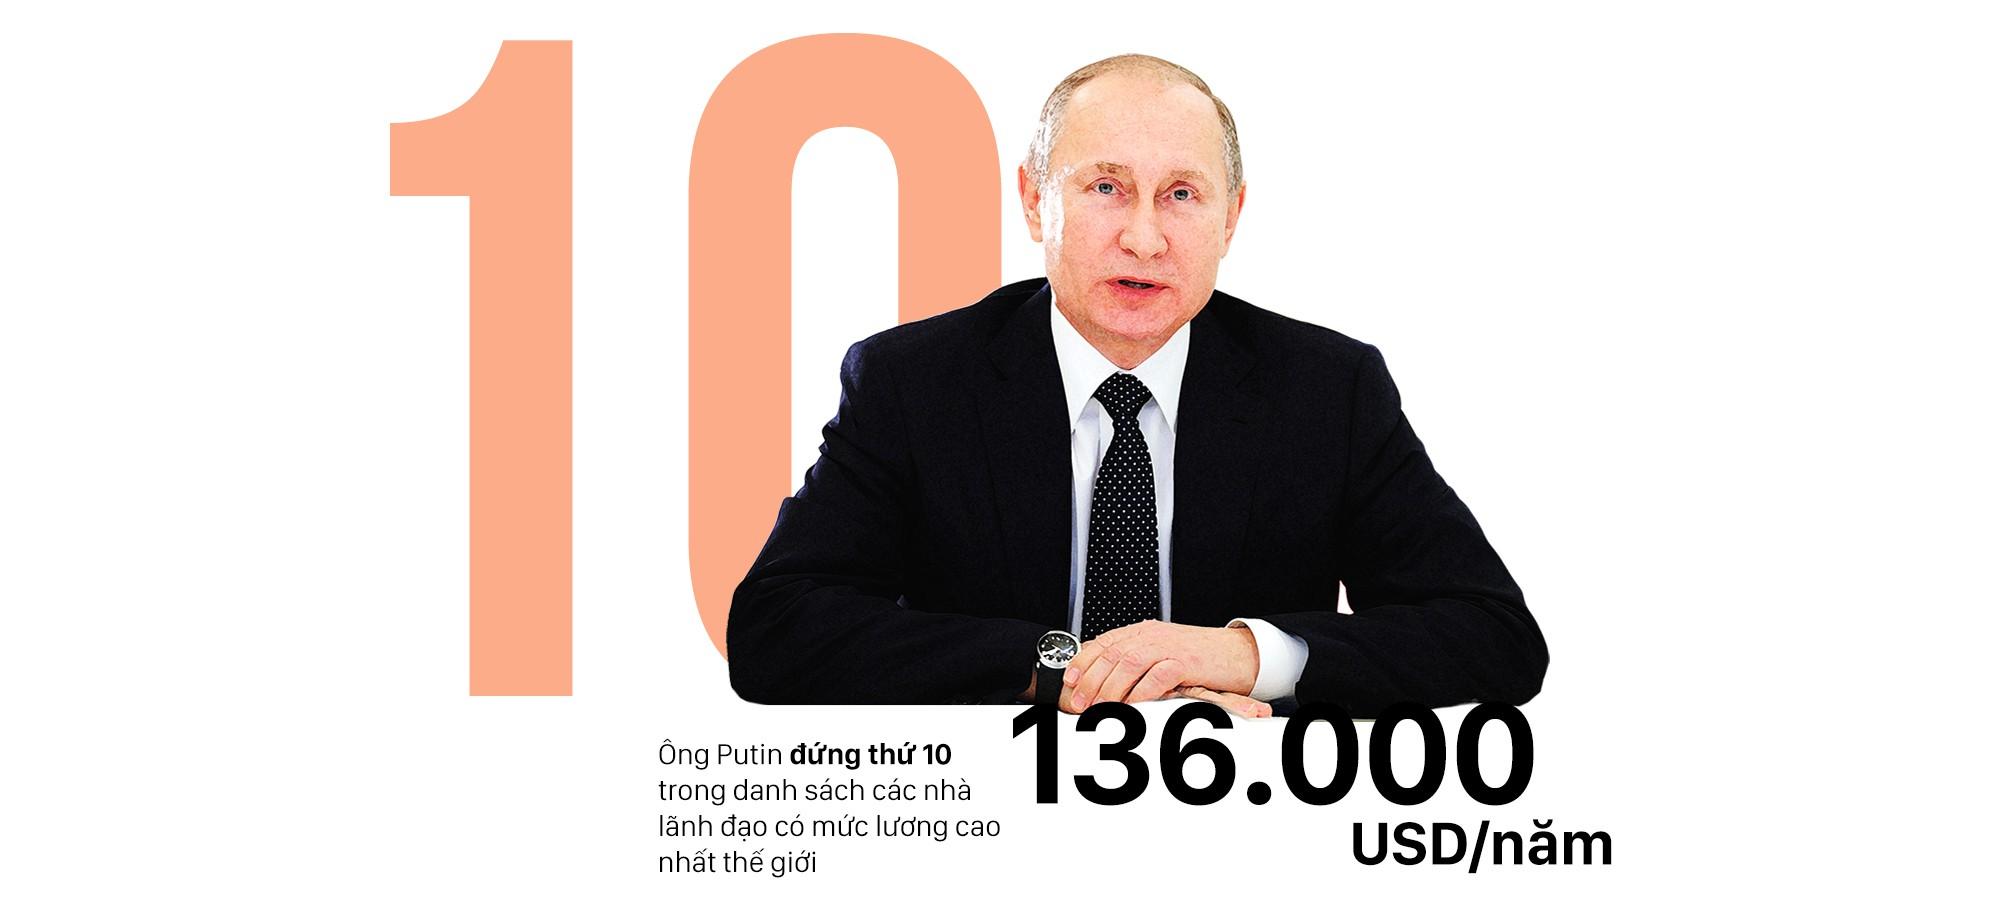 Tổng thống Nga Vladimir Putin: Chủ nhân Điện Kremlin 3 nhiệm kỳ và những con số đáng nể - Ảnh 4.